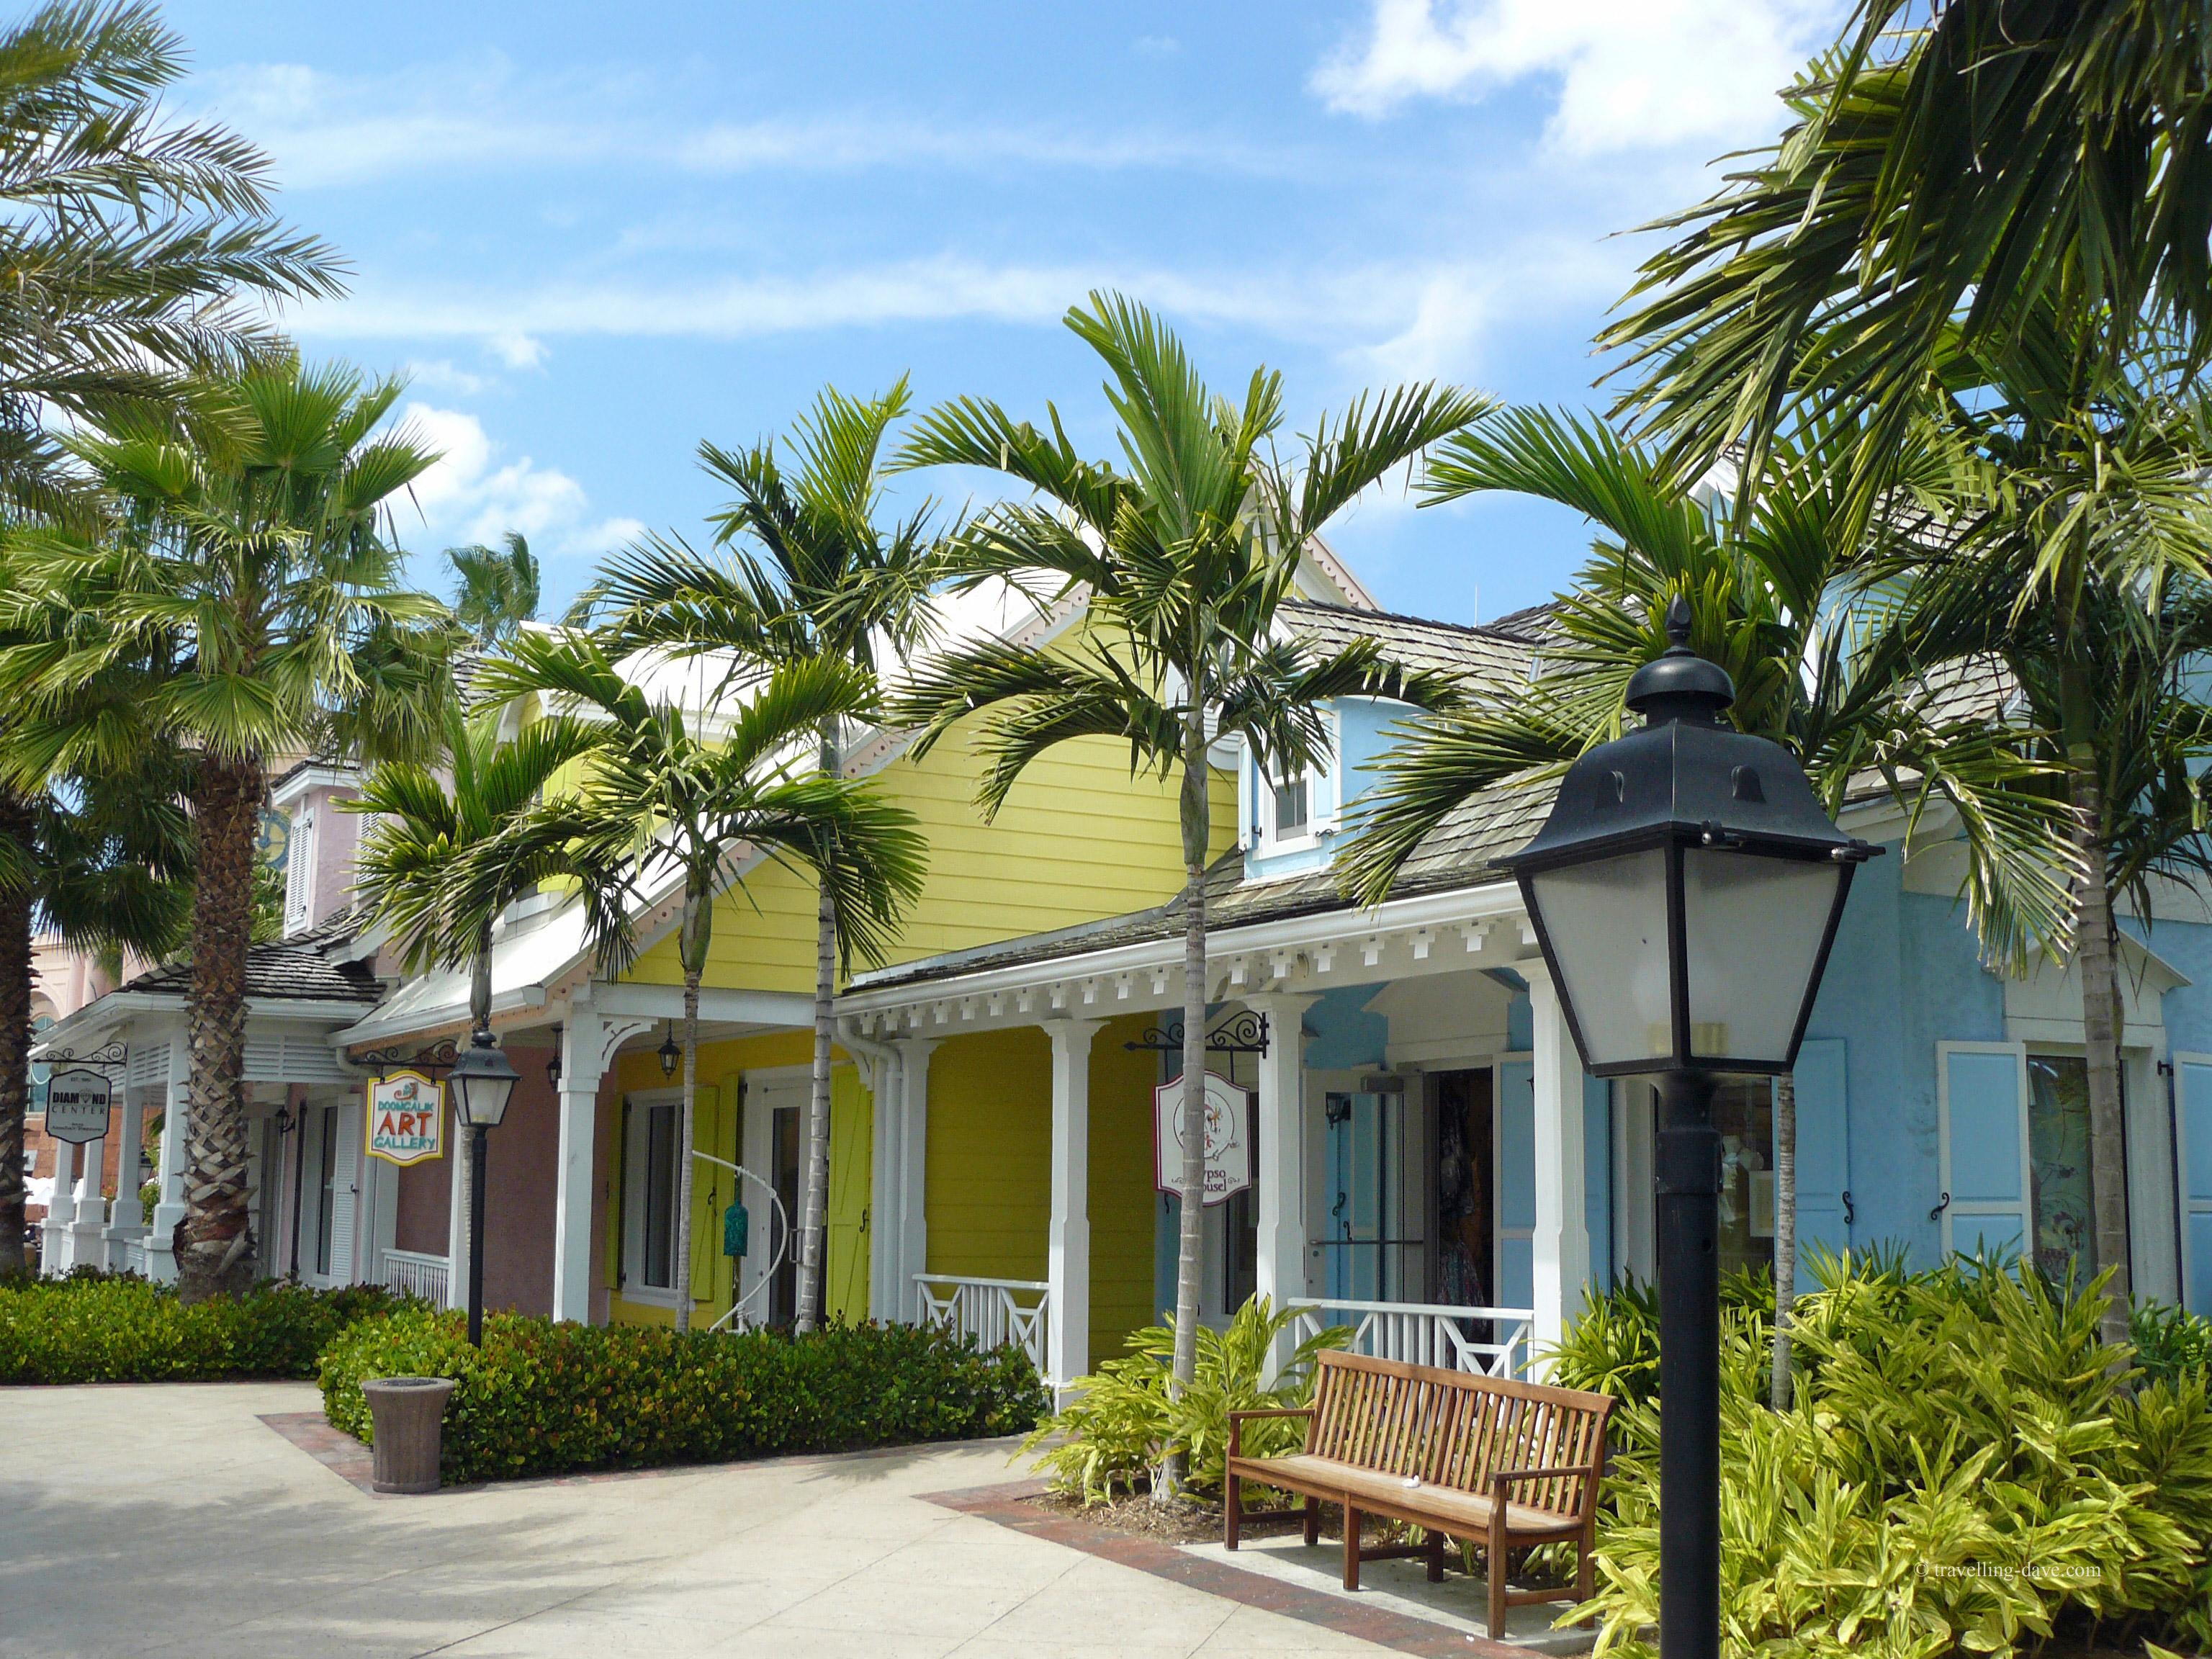 Colorful shops at Marina Village in the Bahamas